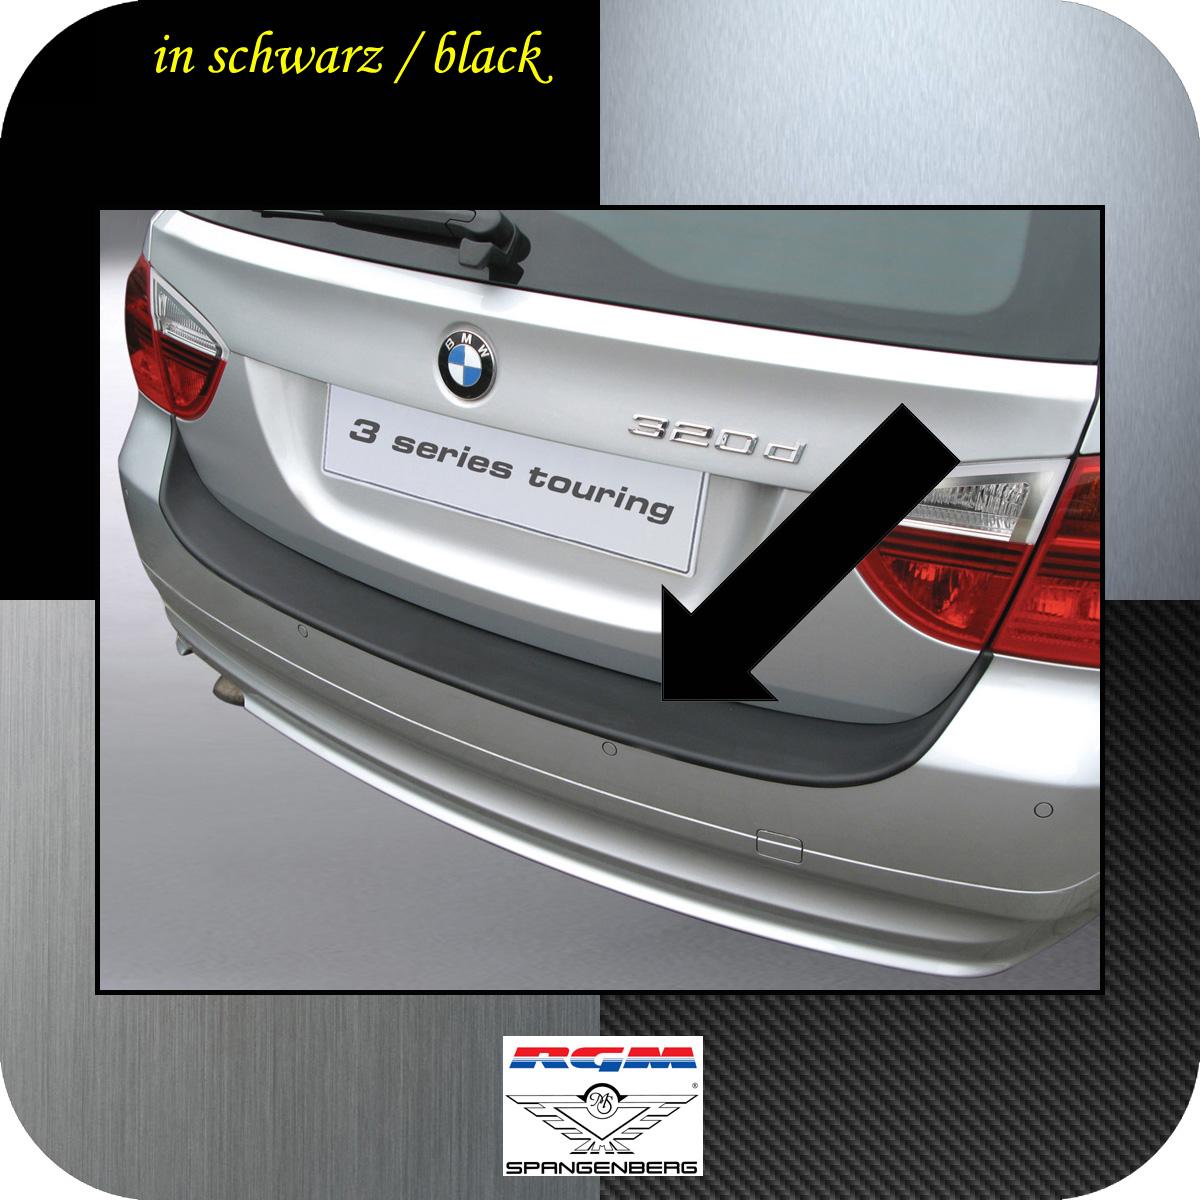 LADEKANTENSCHUTZ Lackschutzfolie für BMW 3er Touring Kombi E91 ab 2005  schwarz